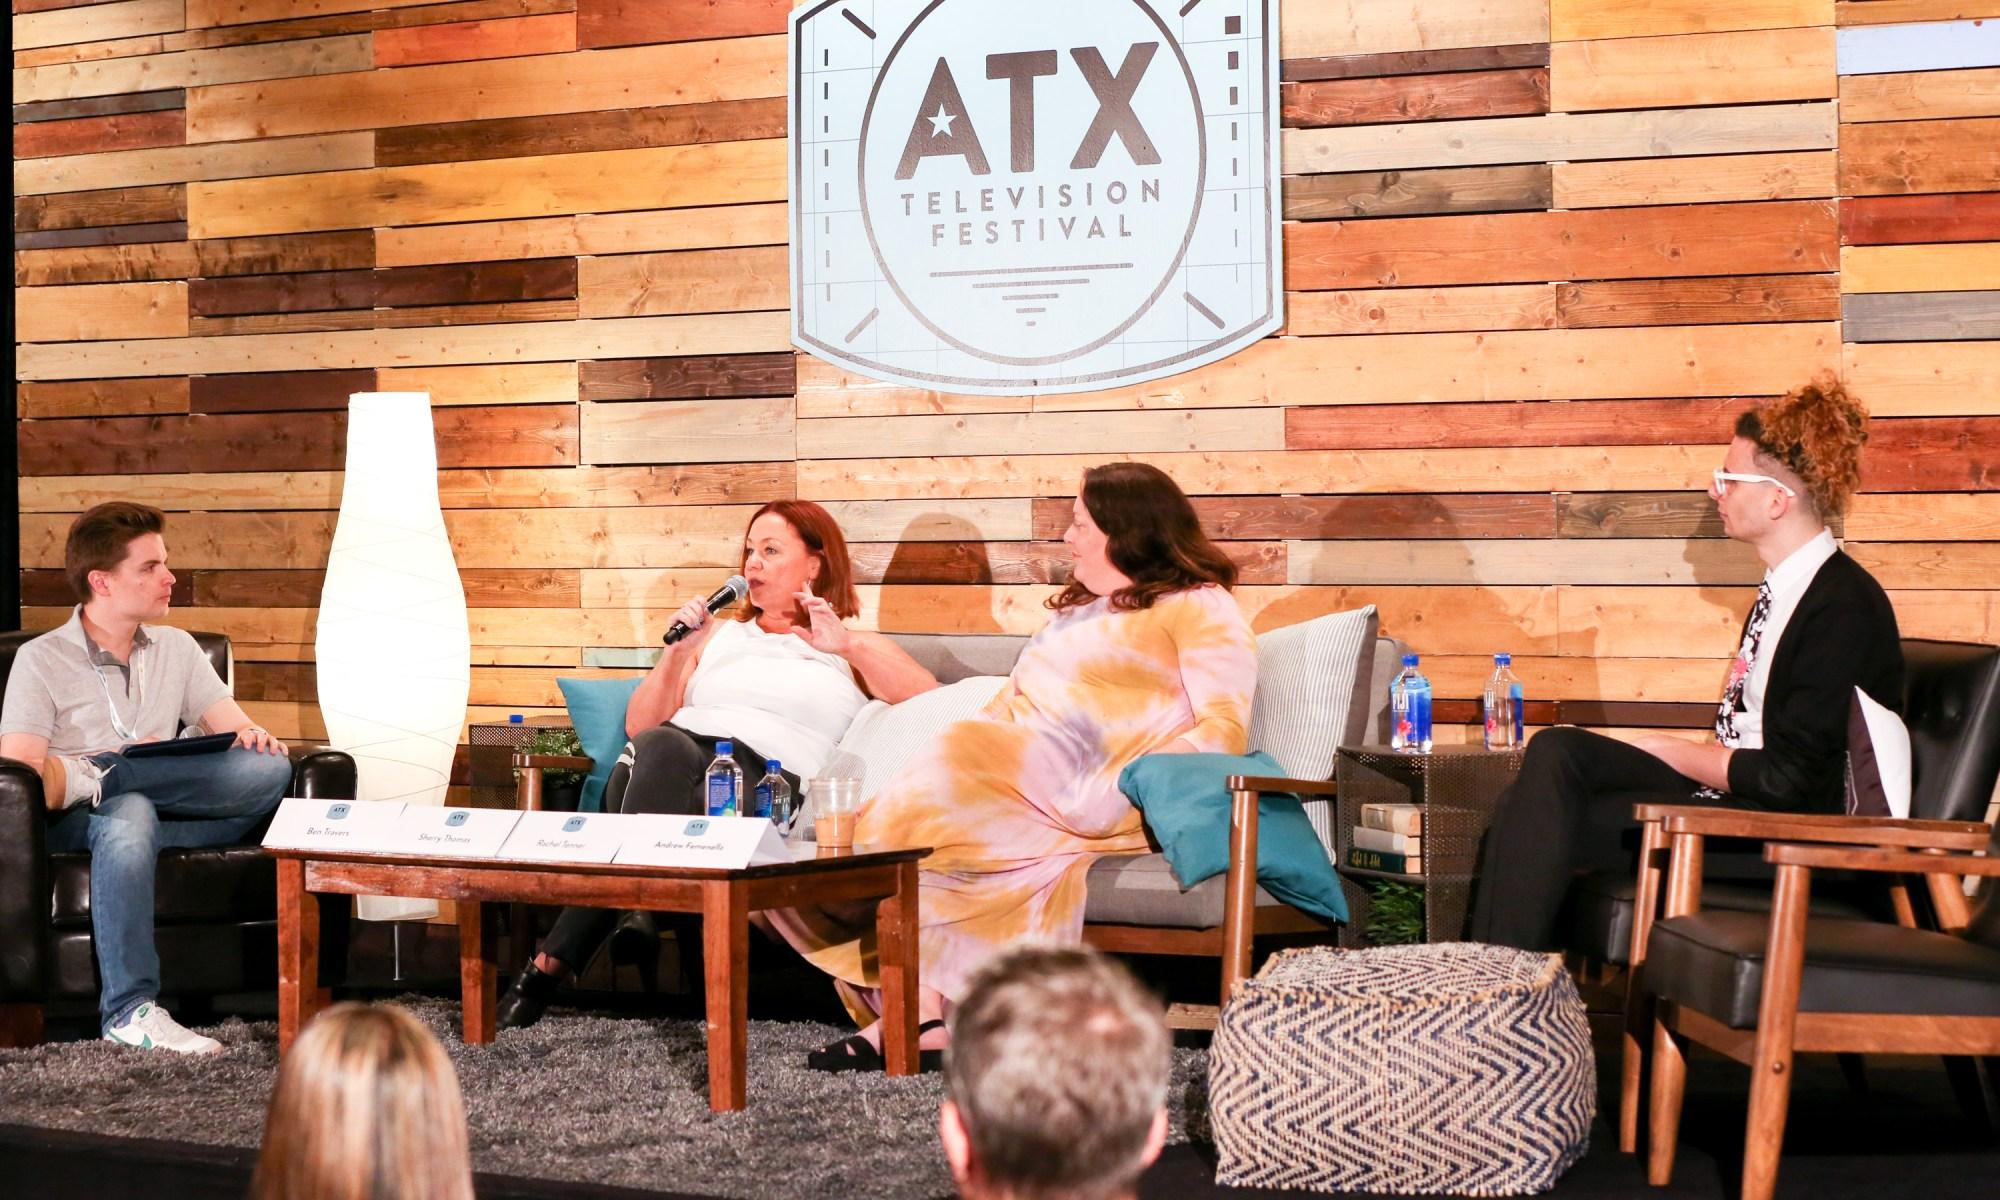 ATX TV Festival 2019